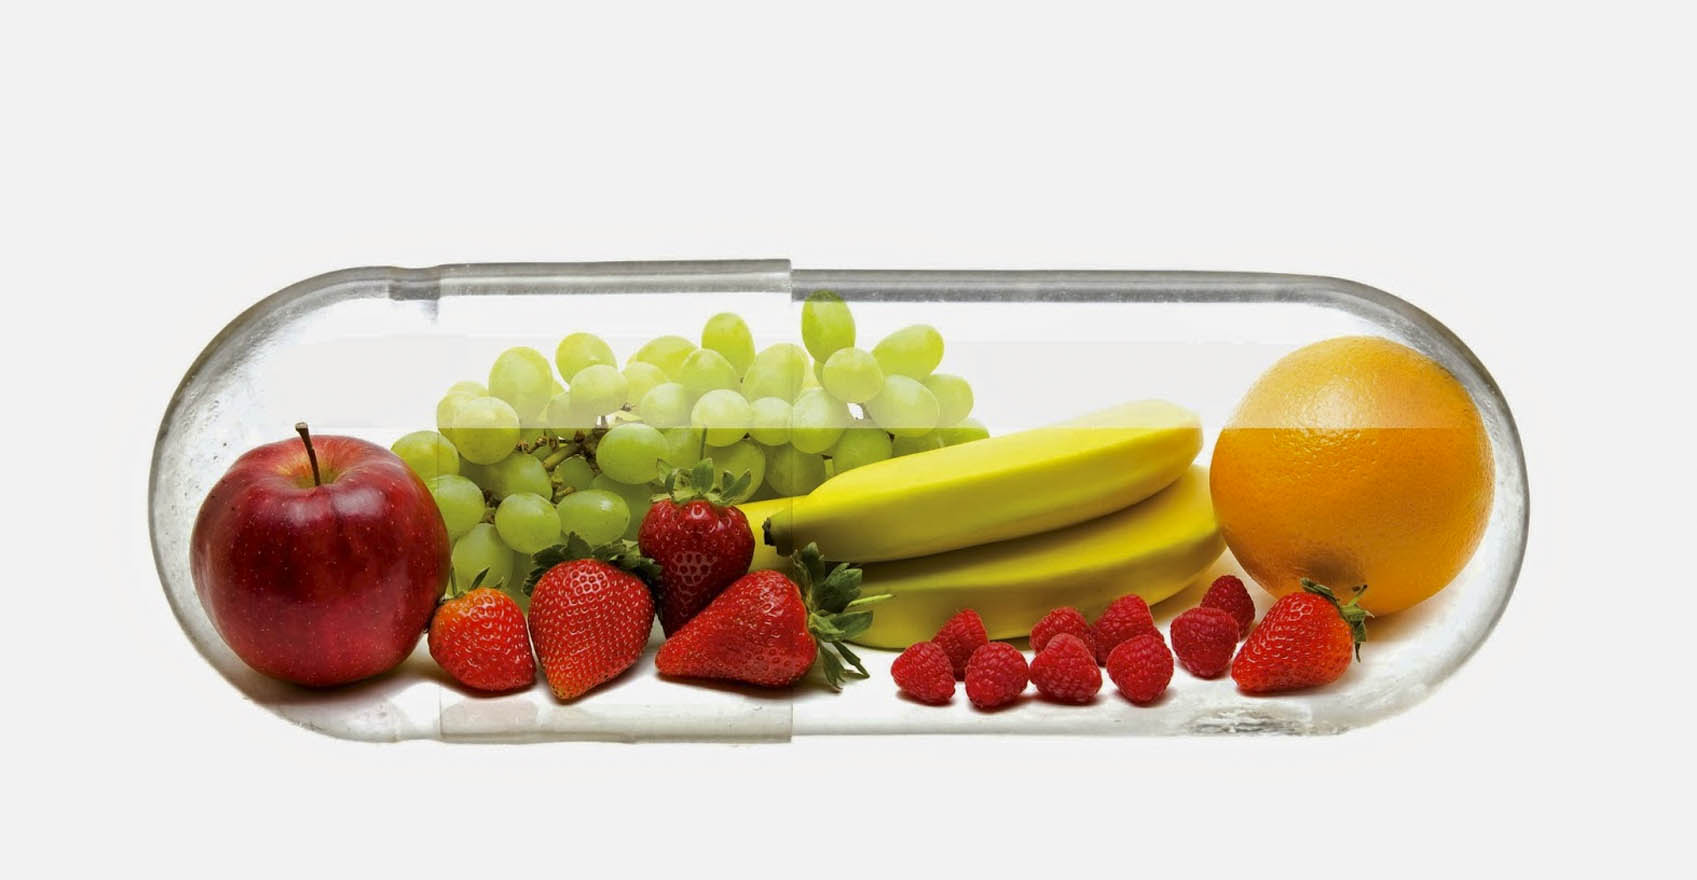 Чи шкодять організму вітаміни?